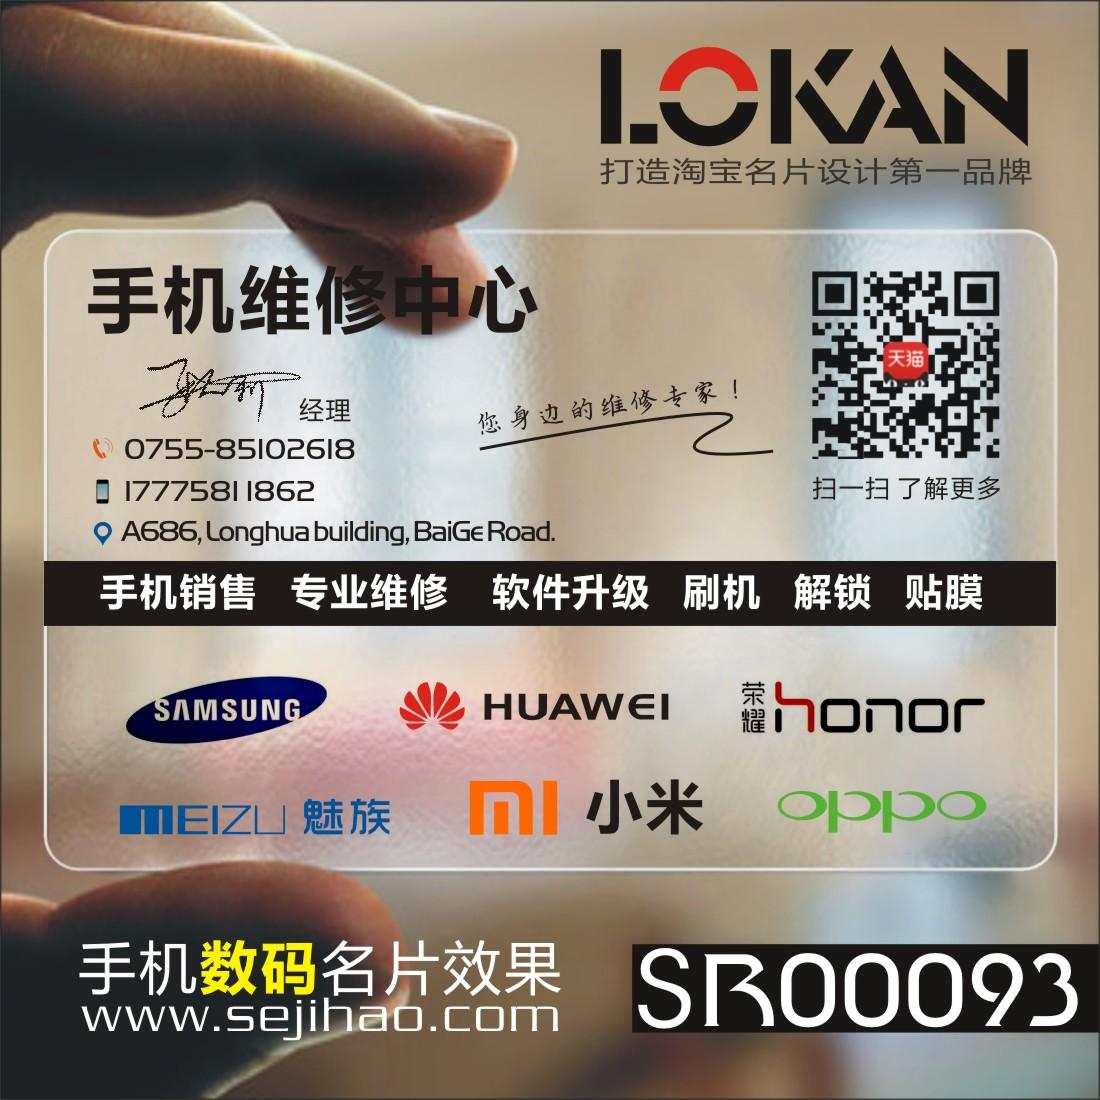 PVC透明粗细磨砂手机店通讯数码电脑家电维修名片免费设计制作包邮SR00093